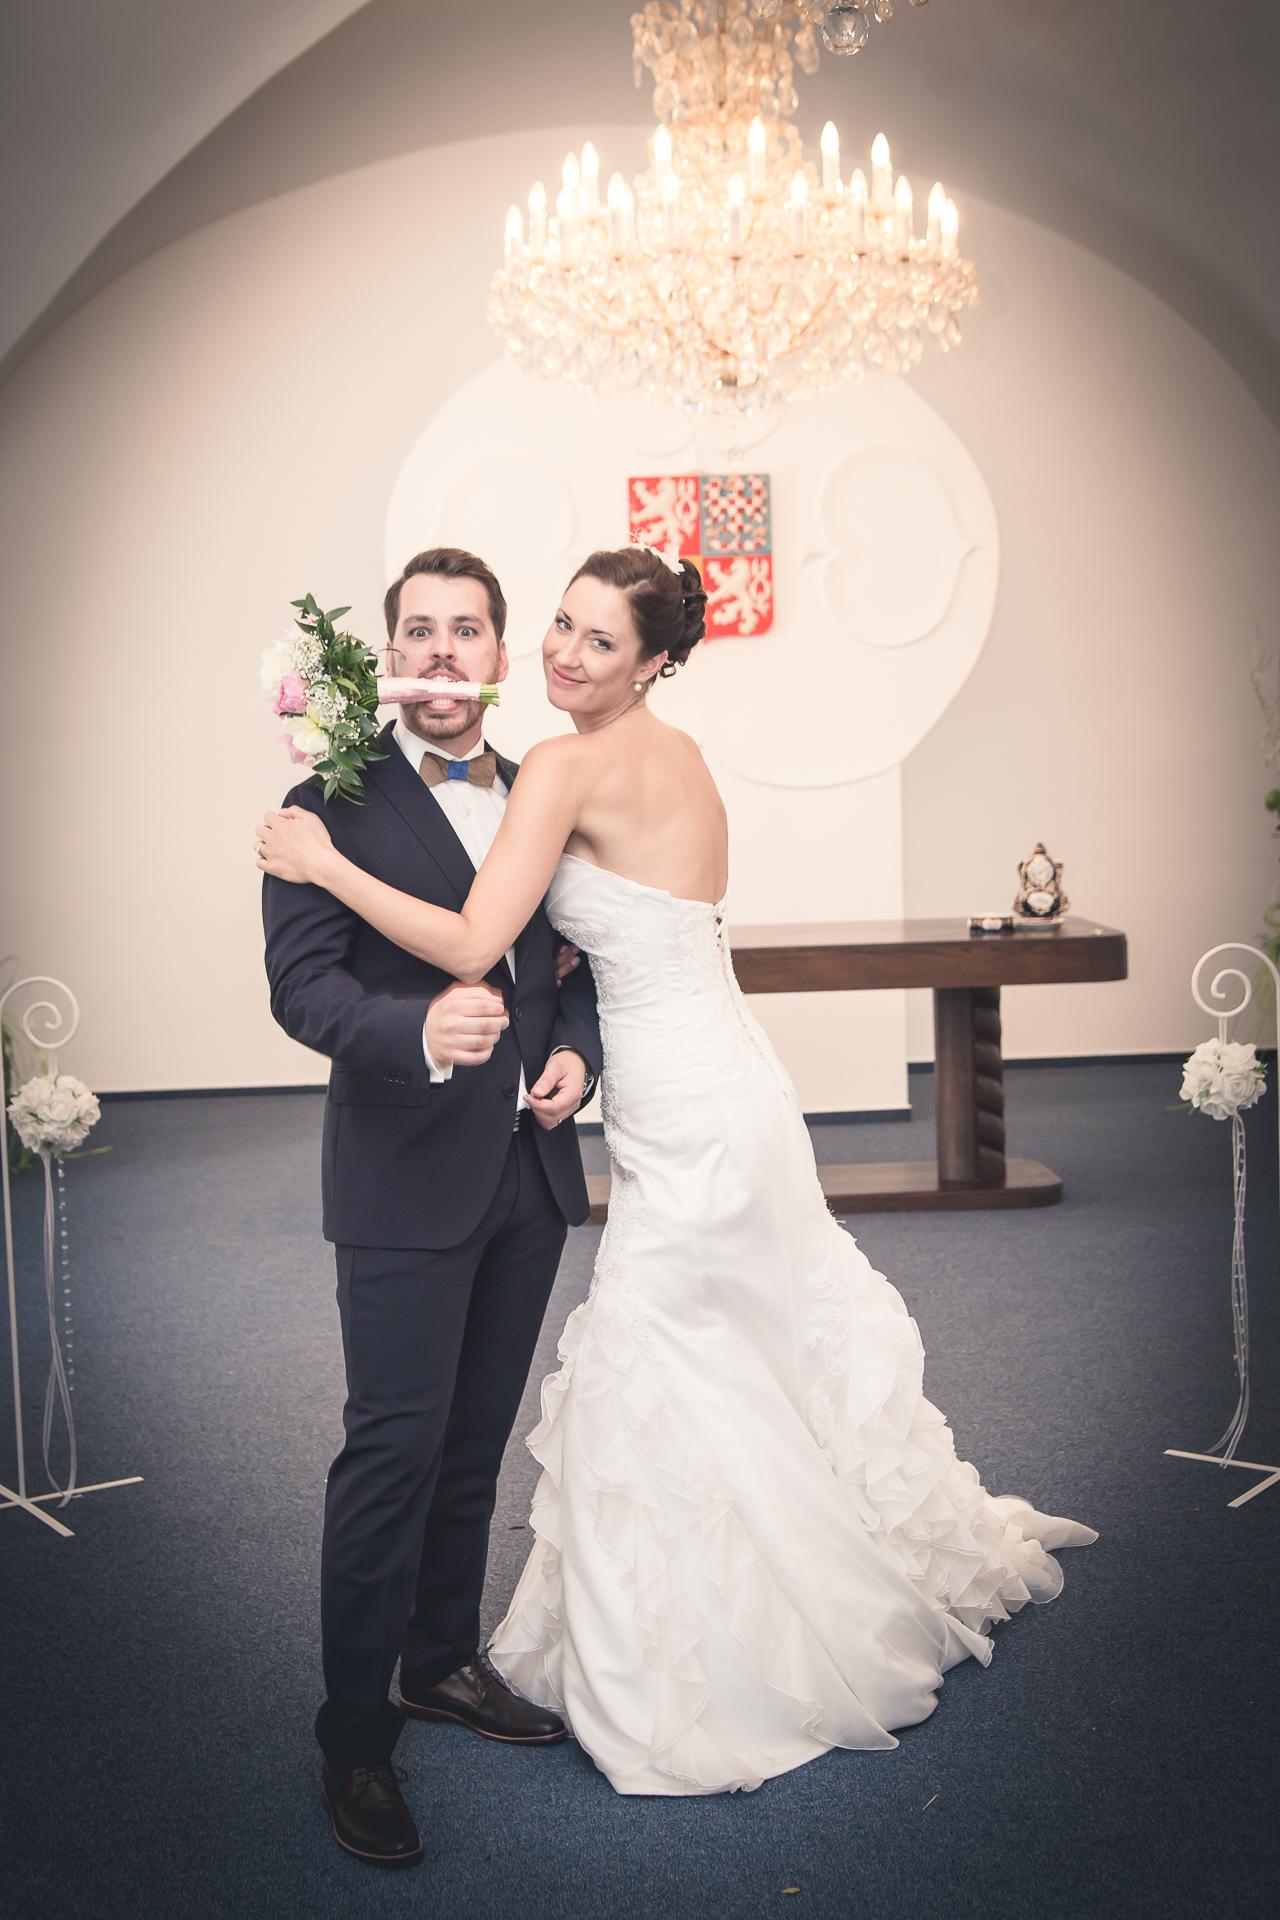 Svatební fotografie Katka 8 Přemda zámek Duchcov, Teplice - svatební fotograf, studio Beautyfoto